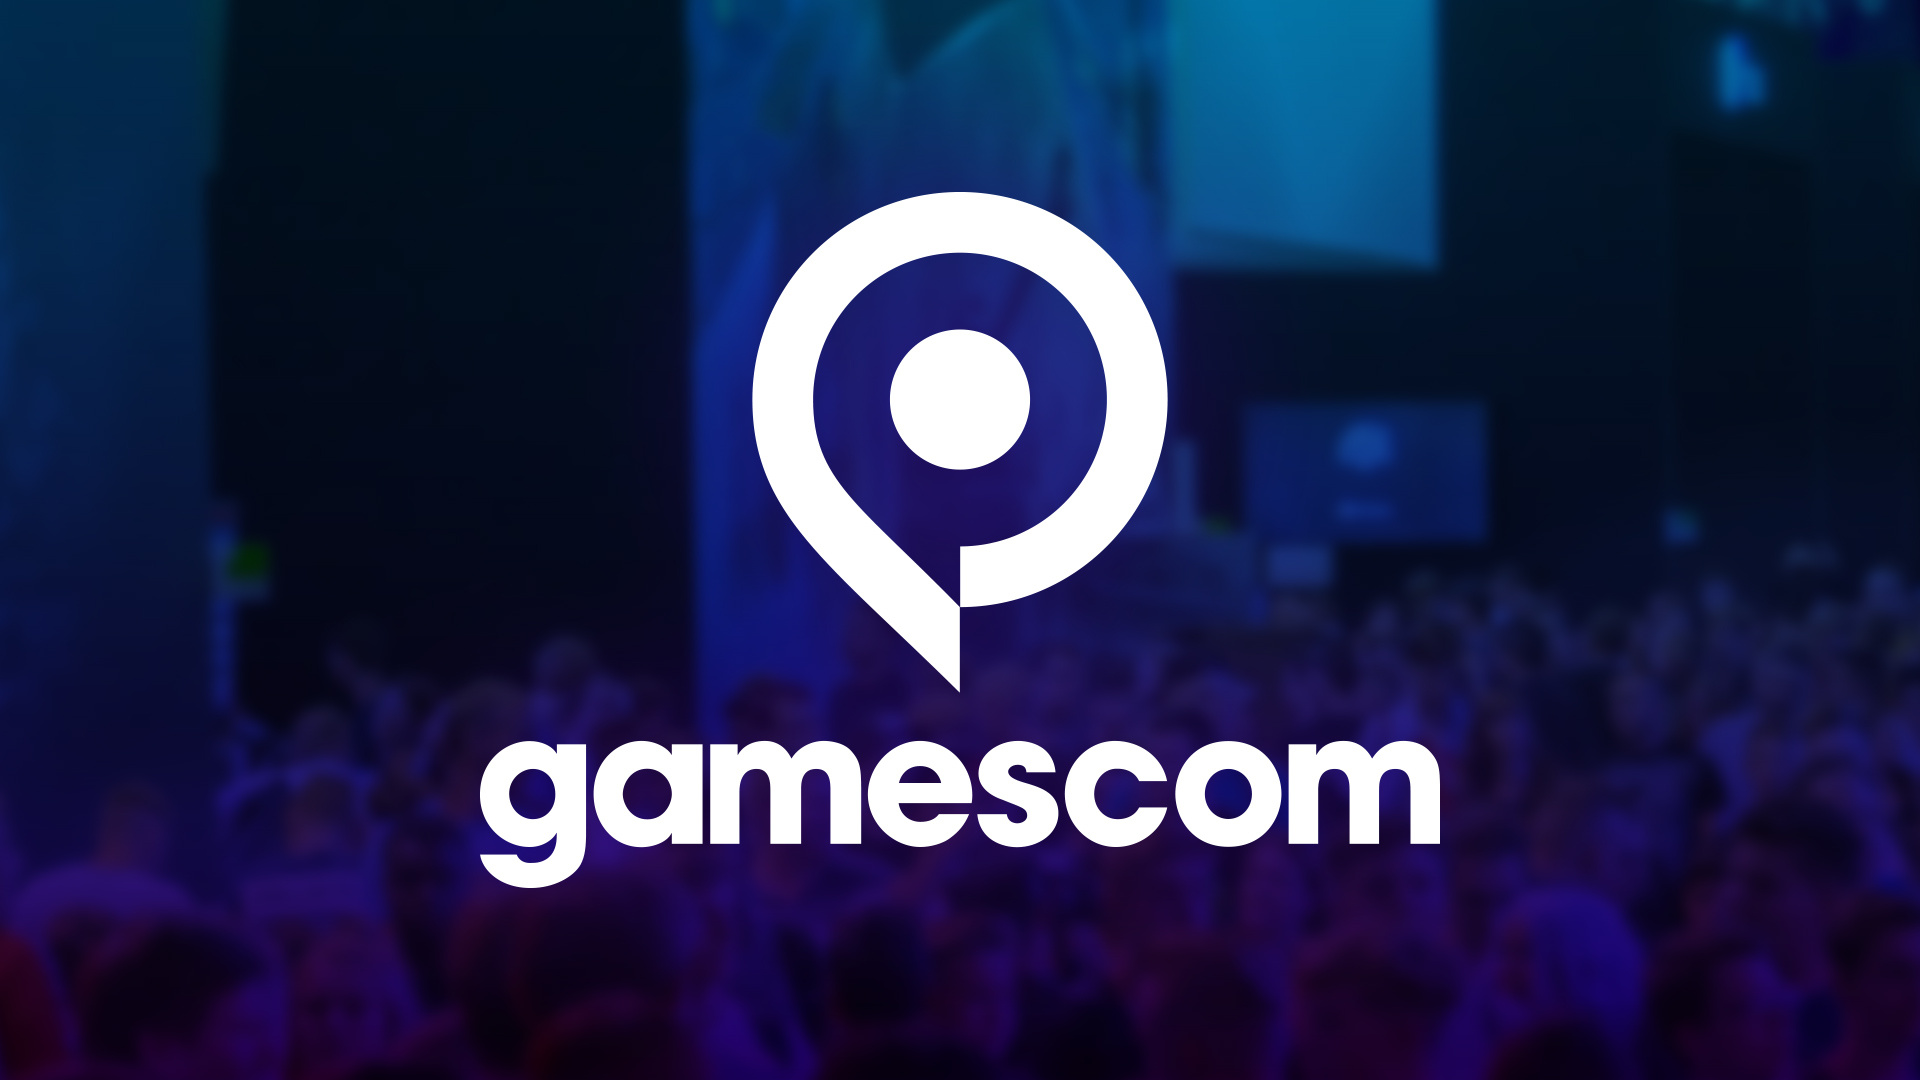 Сооснователь Linkin Park сочинил музыкальную тему для gamescom в прямом эфире на Twitch